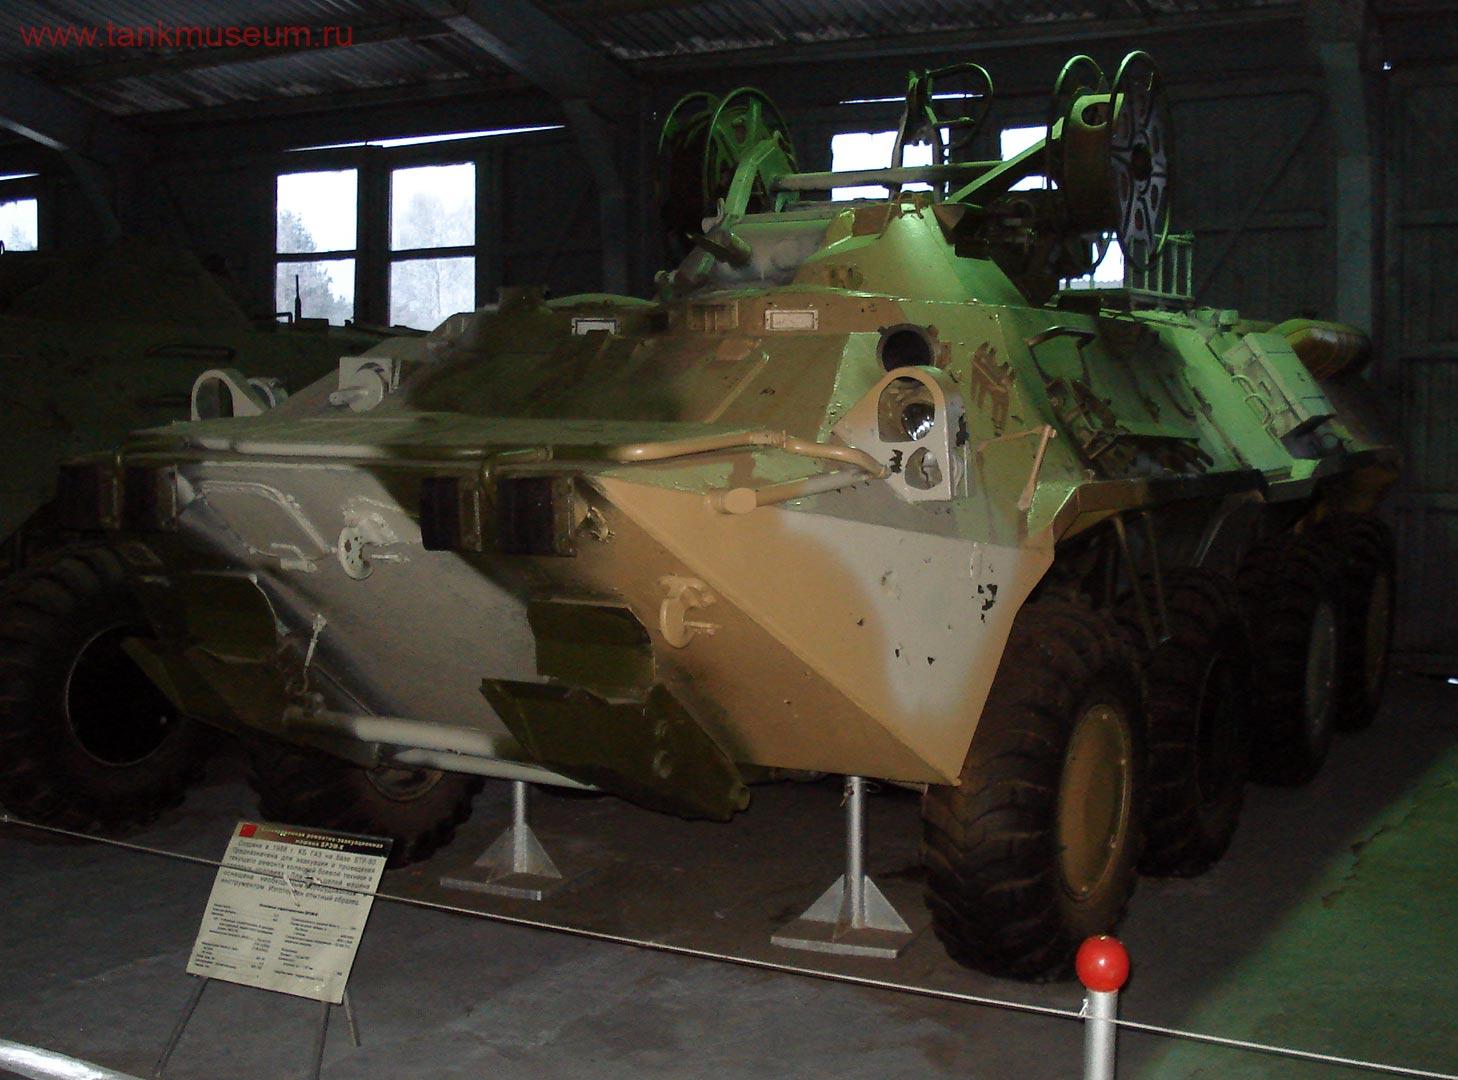 БРЭМ на базе БТР-80, танковый музей в Кубинке